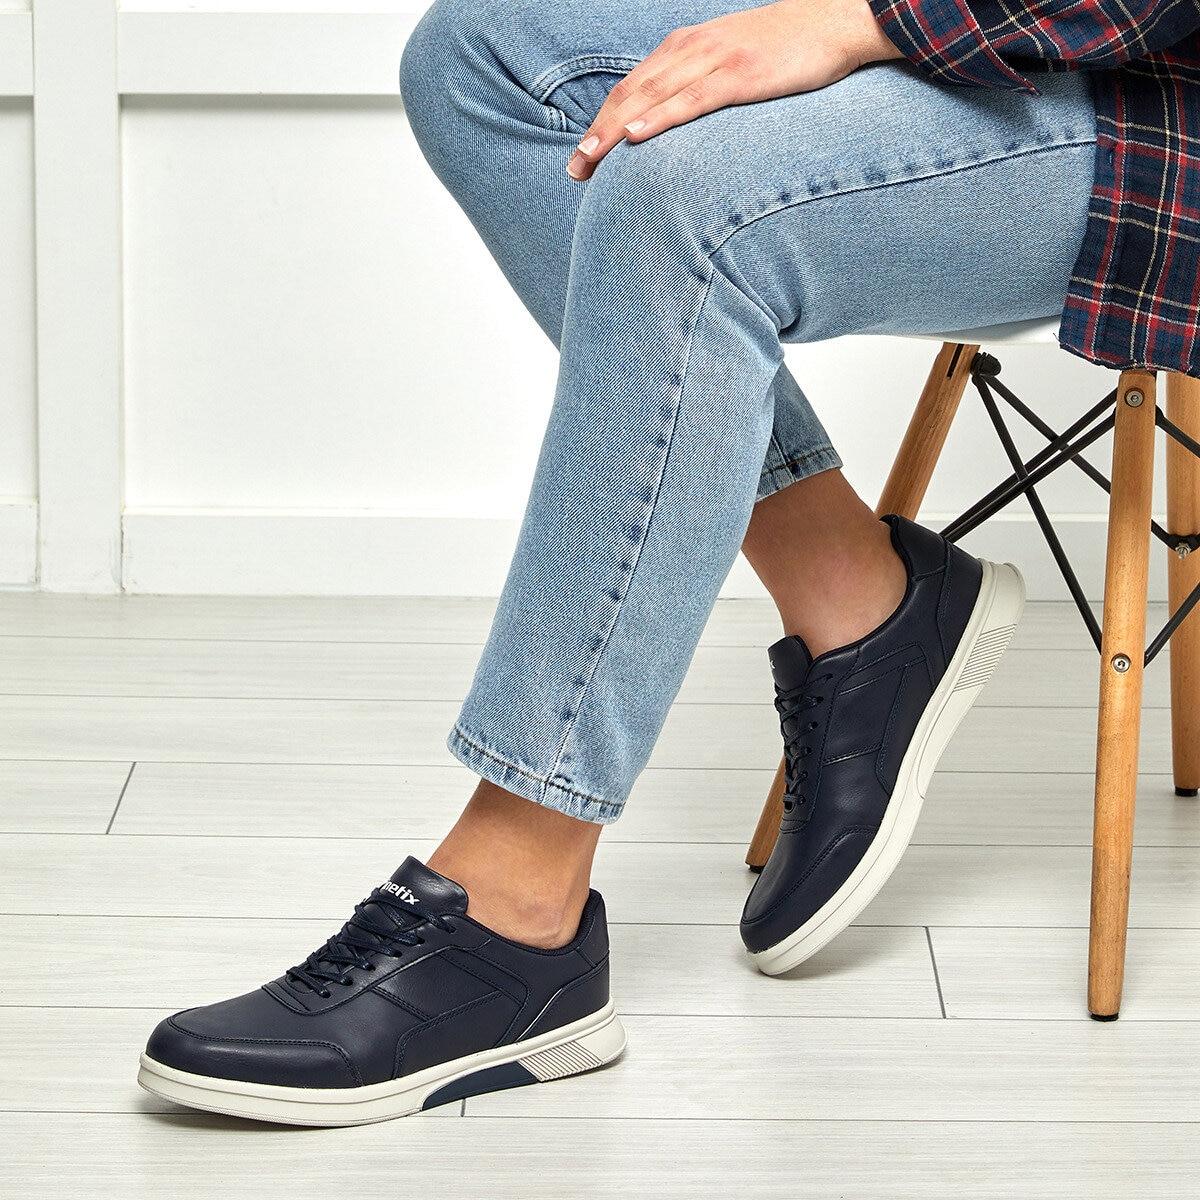 FLO WAREN Navy Blue Men 'S Sneaker Shoes KINETIX